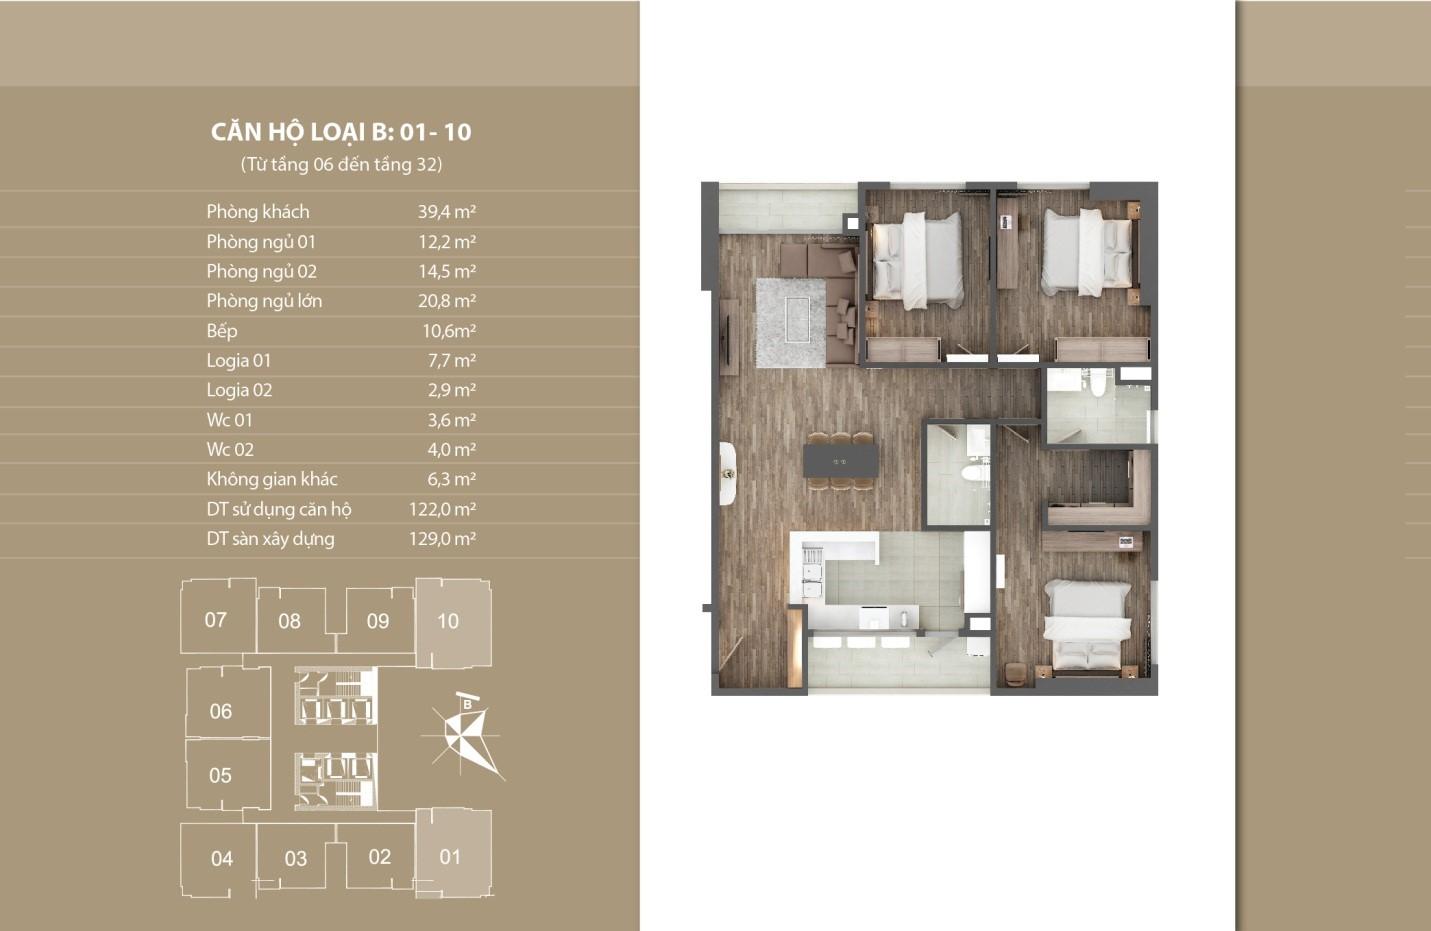 Thiết kế căn hộ 01 - 10 tầng 6 - 32